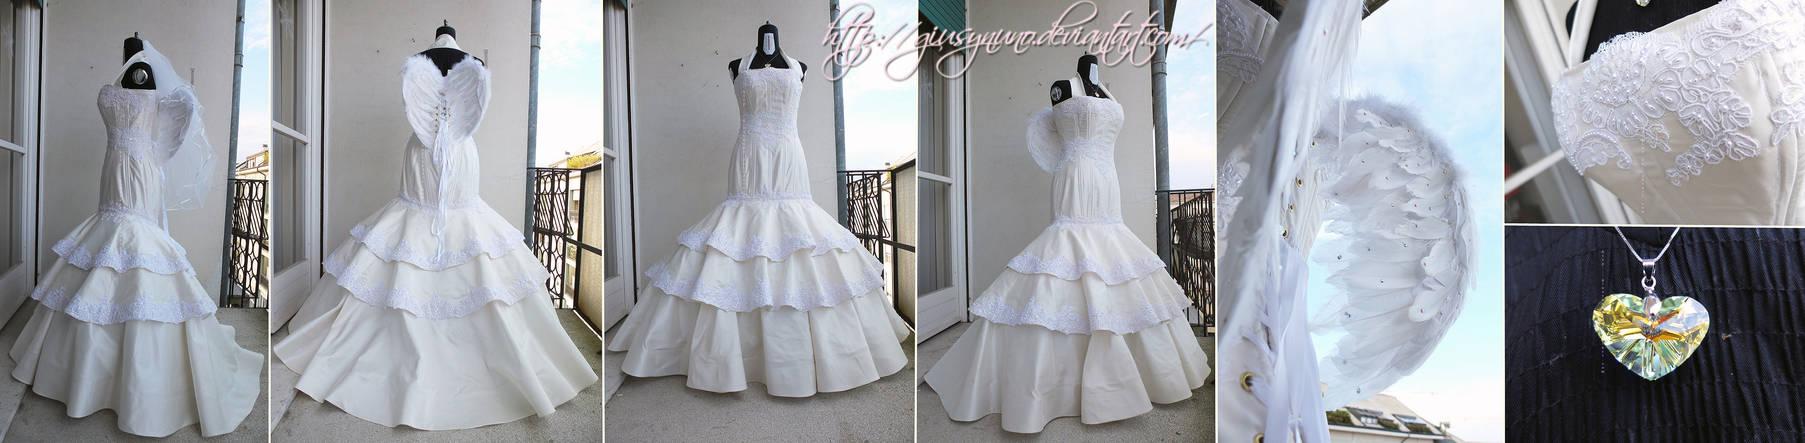 Angelina's wedding dress - Sacro/Profano